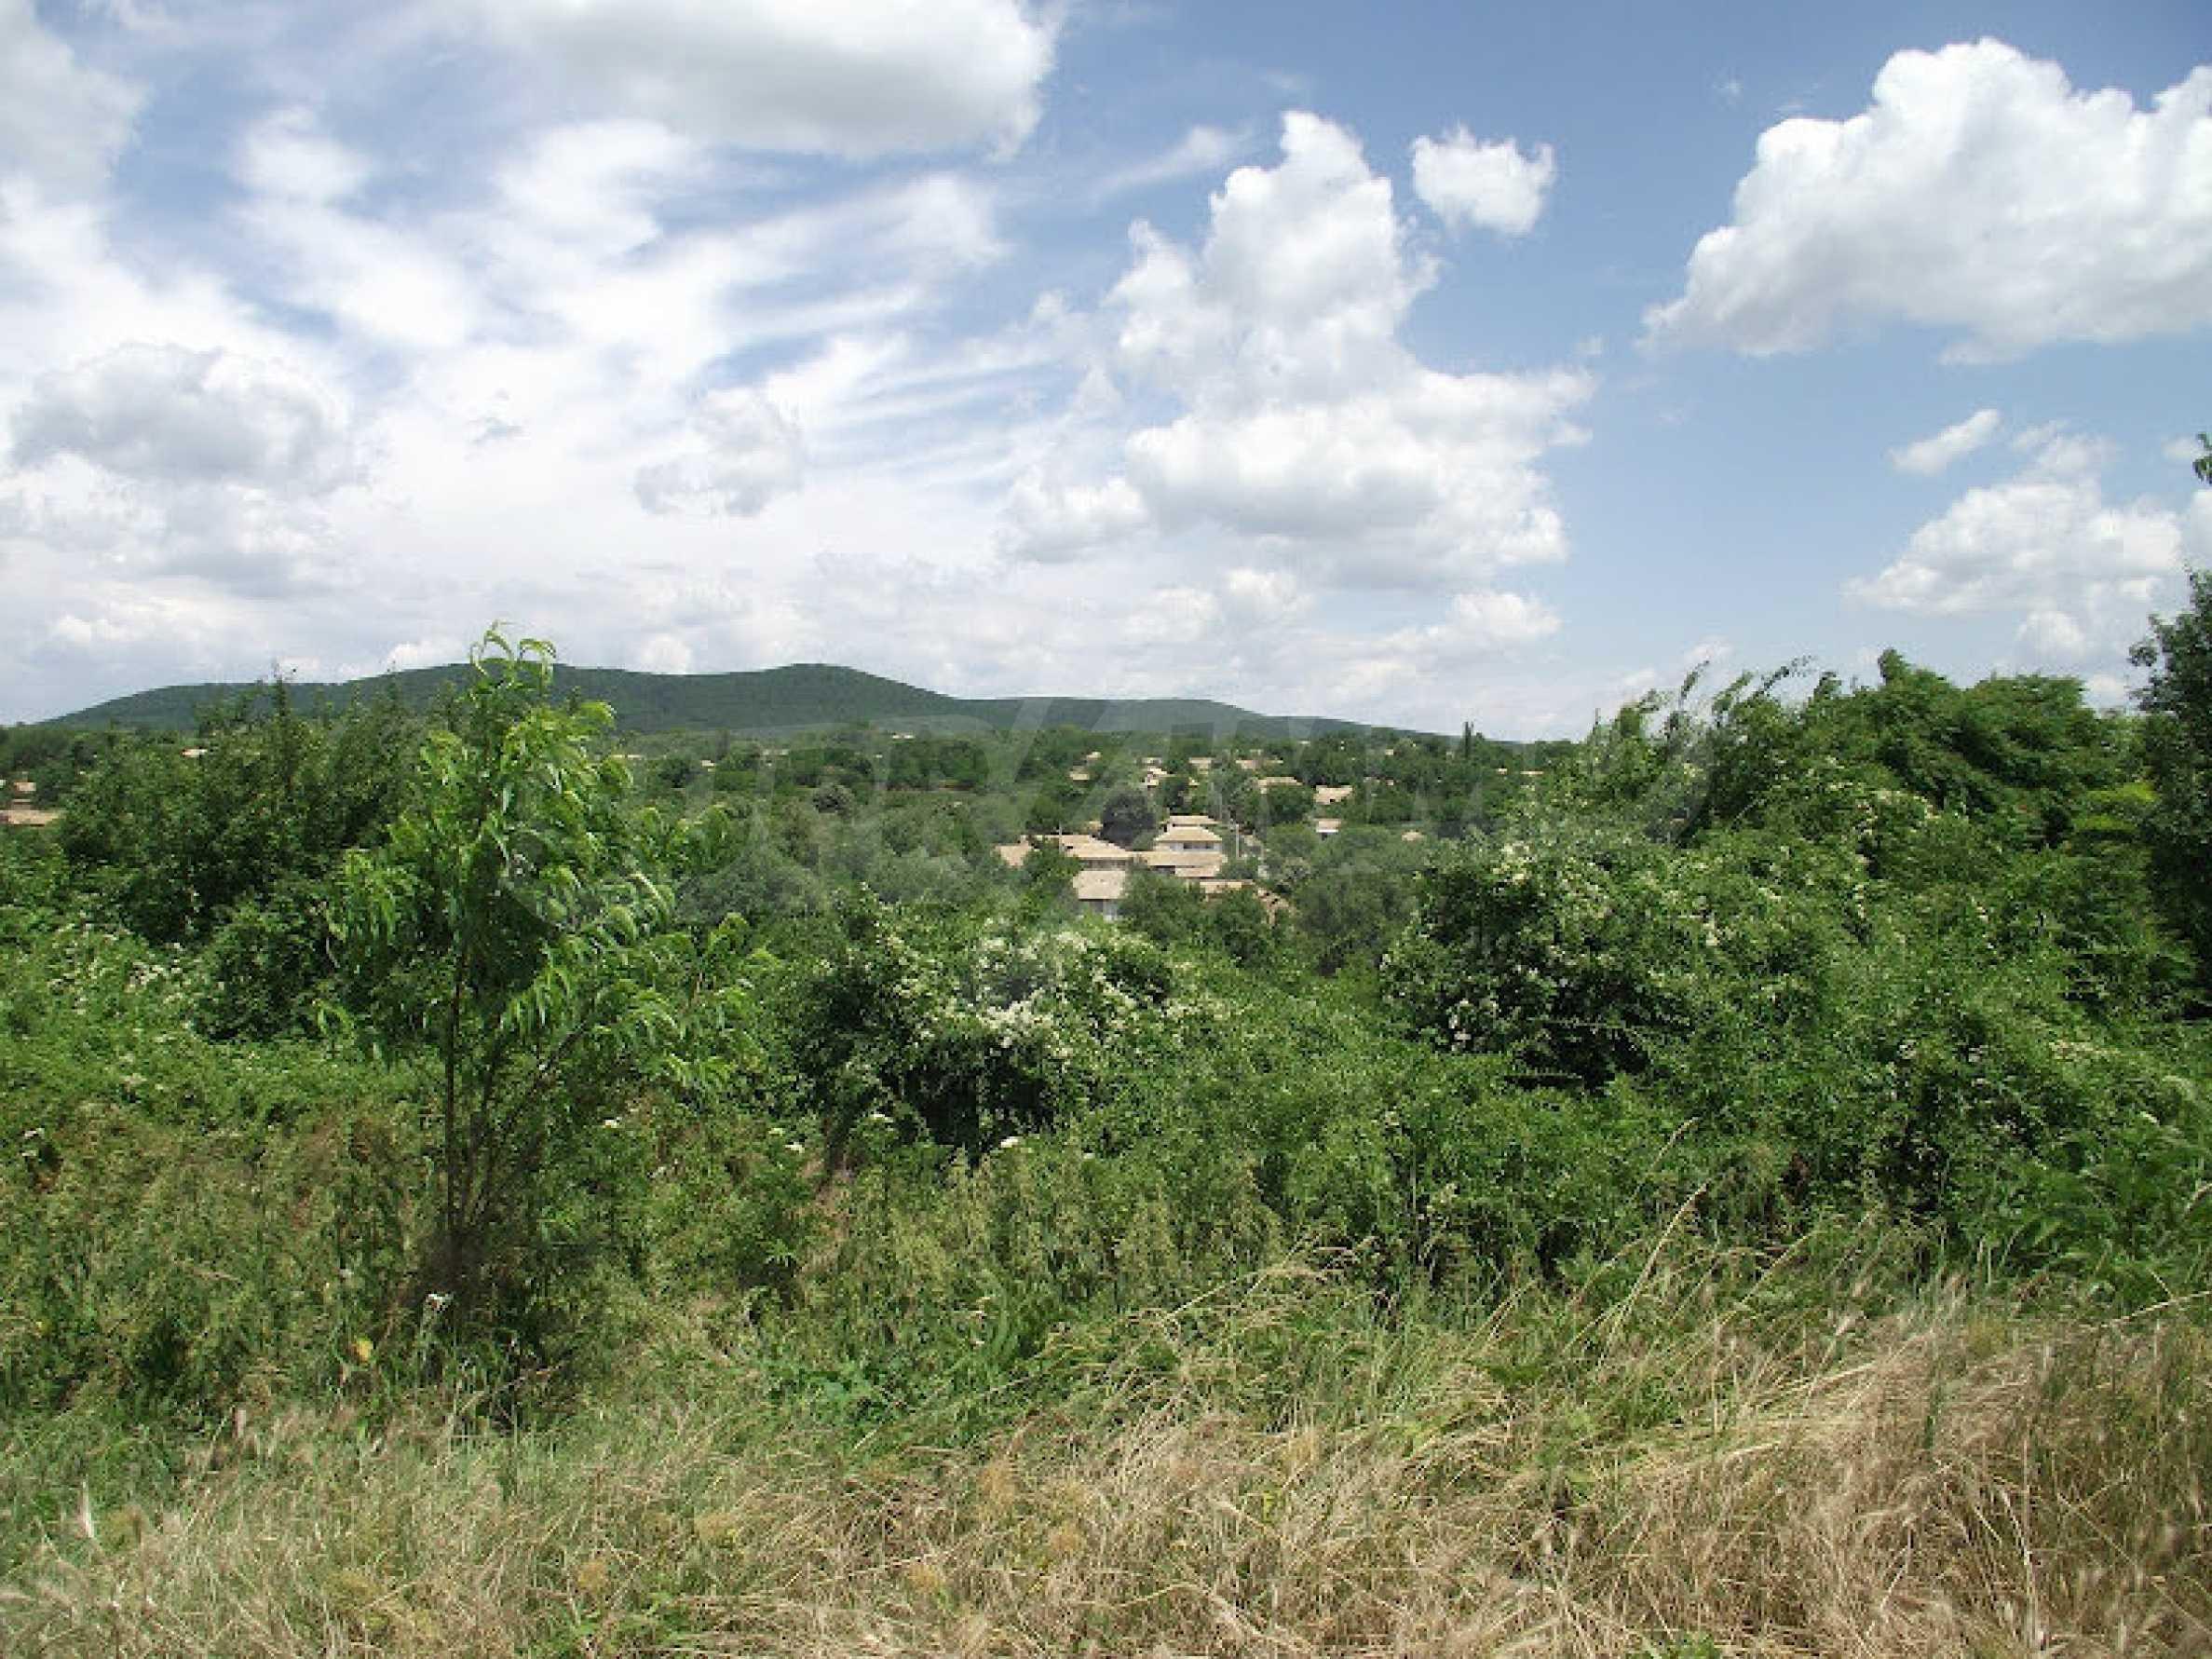 Zwei Immobilien in einem Dorf in der Nähe von Popovo 16